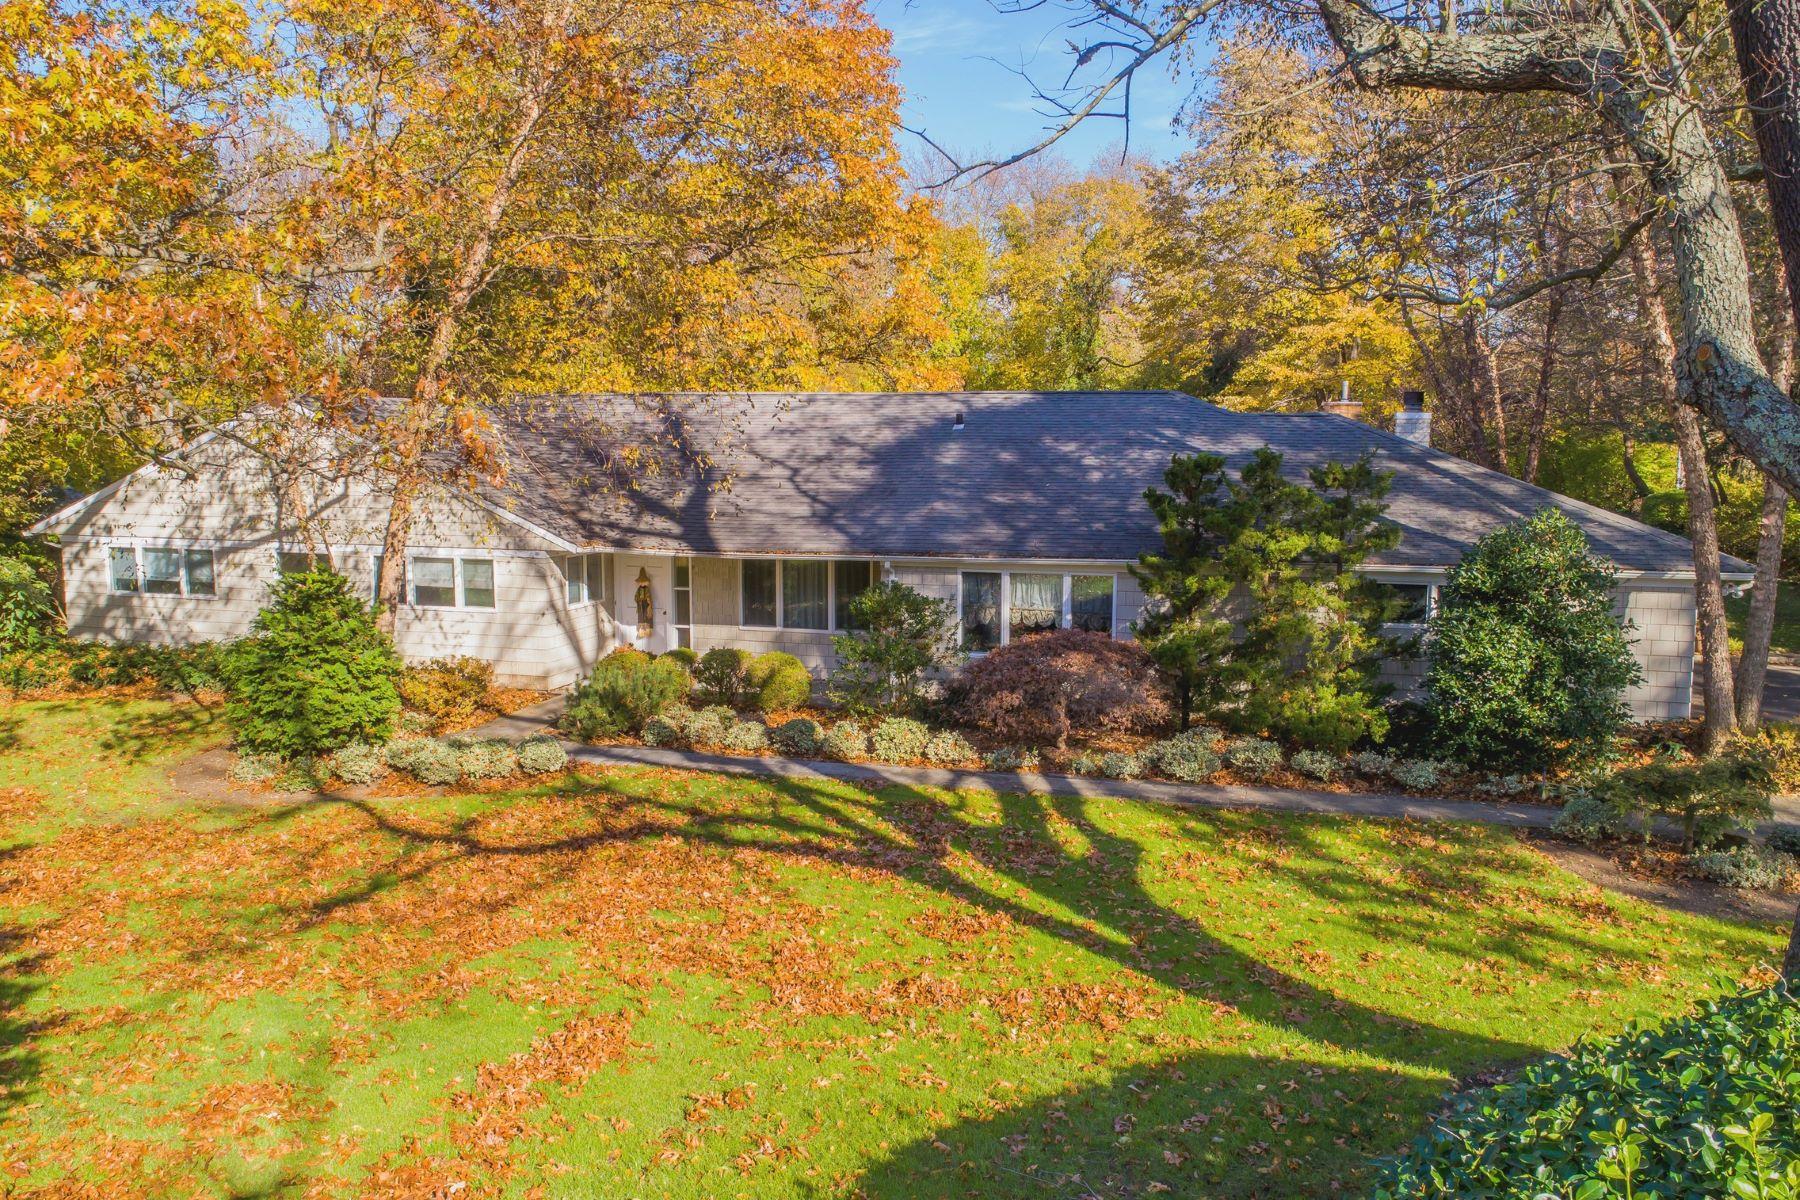 Частный односемейный дом для того Продажа на 9 Sycamore Dr , Sands Point, NY 11050 Sands Point, Нью-Йорк, 11050 Соединенные Штаты